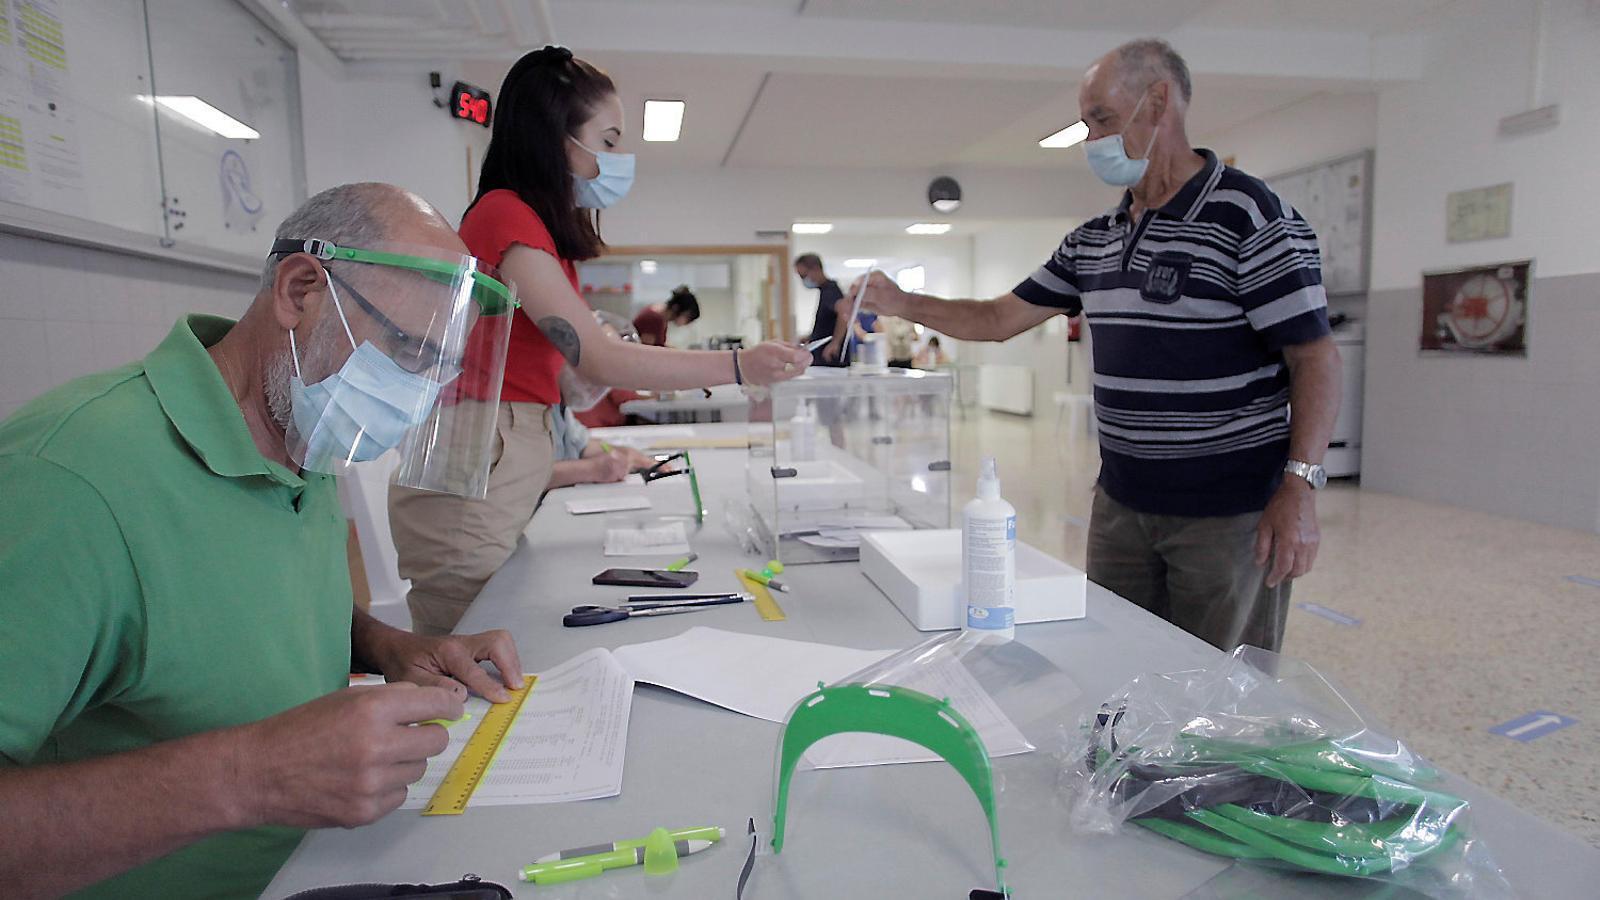 Un dels col·legis electorals de la Corunya durant les eleccions gallegues del 12 de juliol.